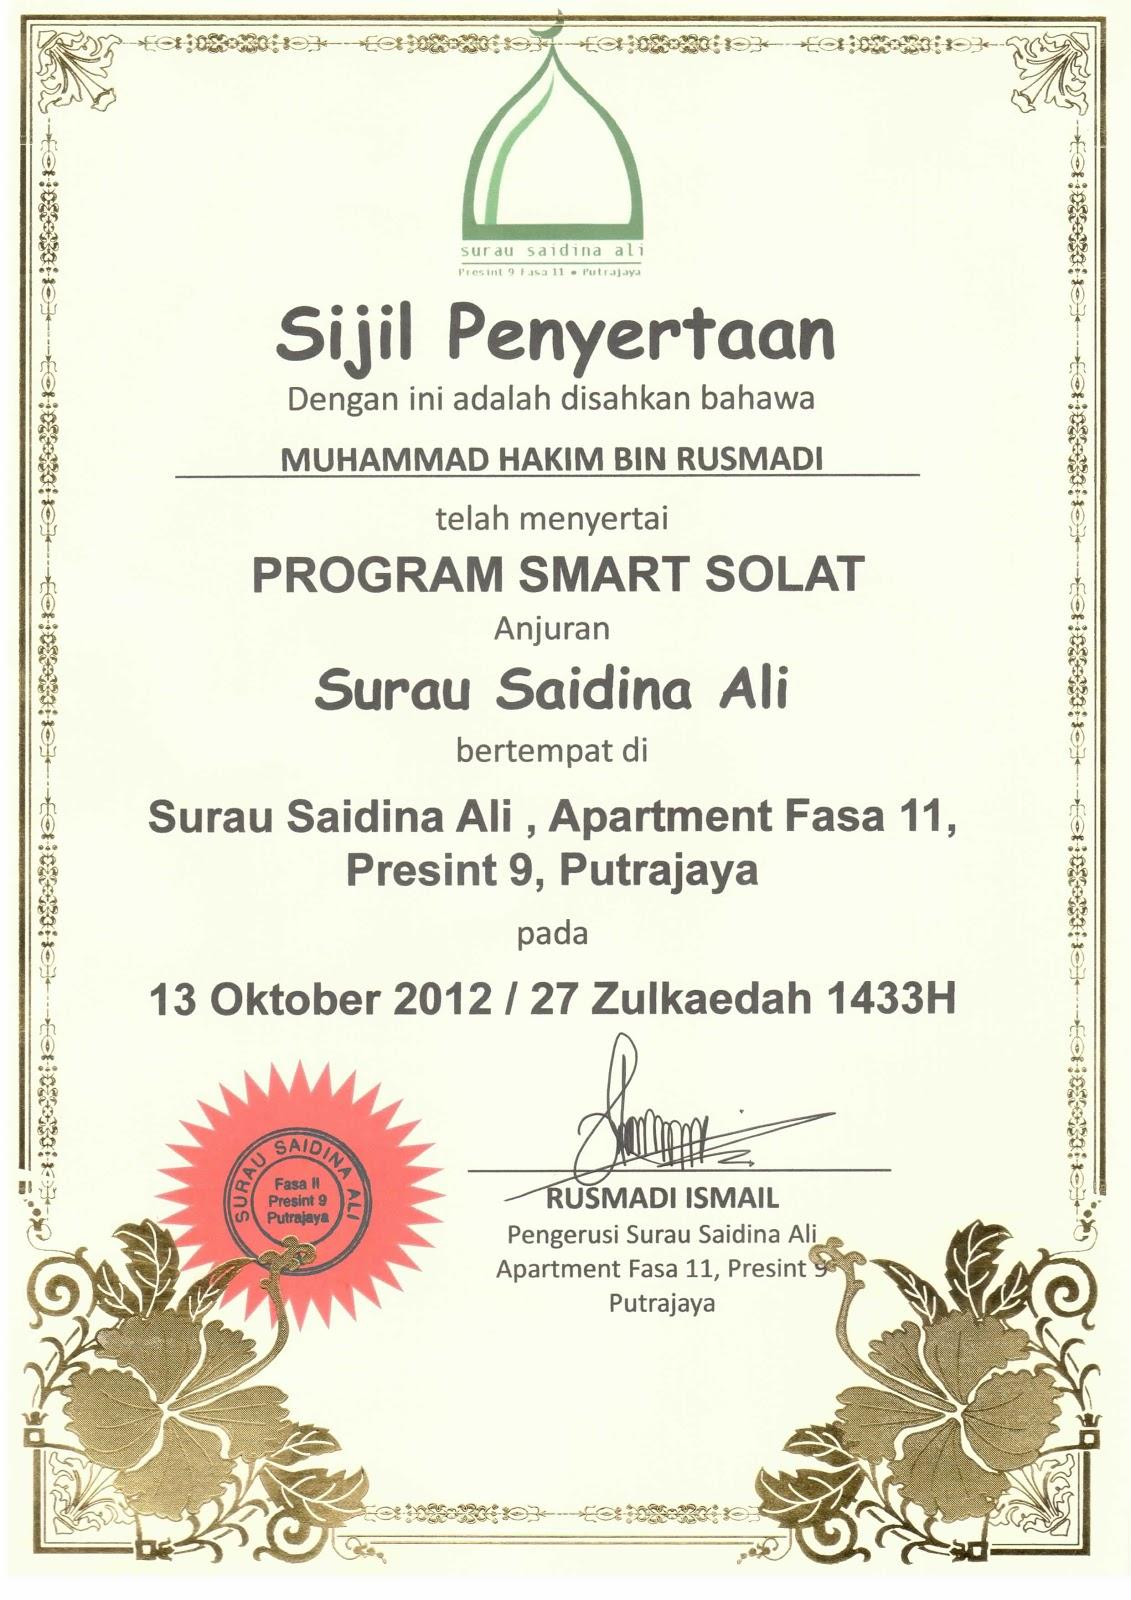 SURAU SAIDINA ALI Program Smart Solat 2012